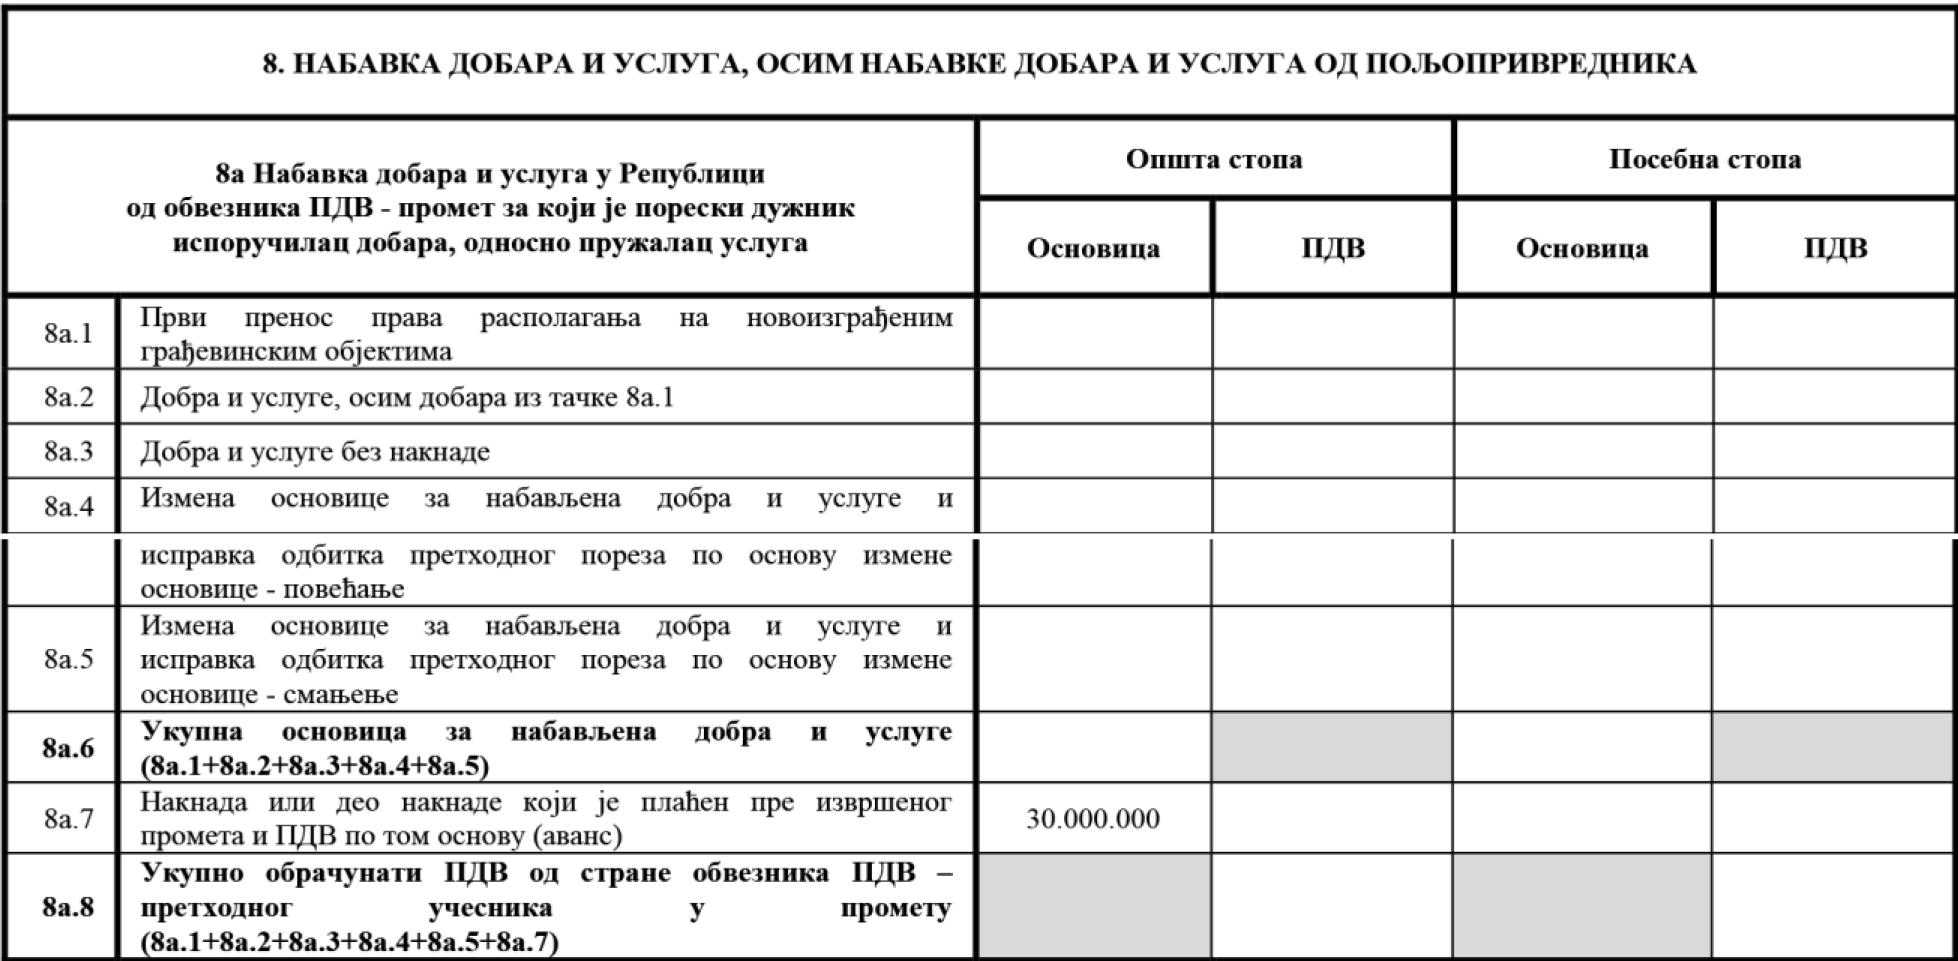 uputstvo PU obrazac POPDV primer 93 - 1